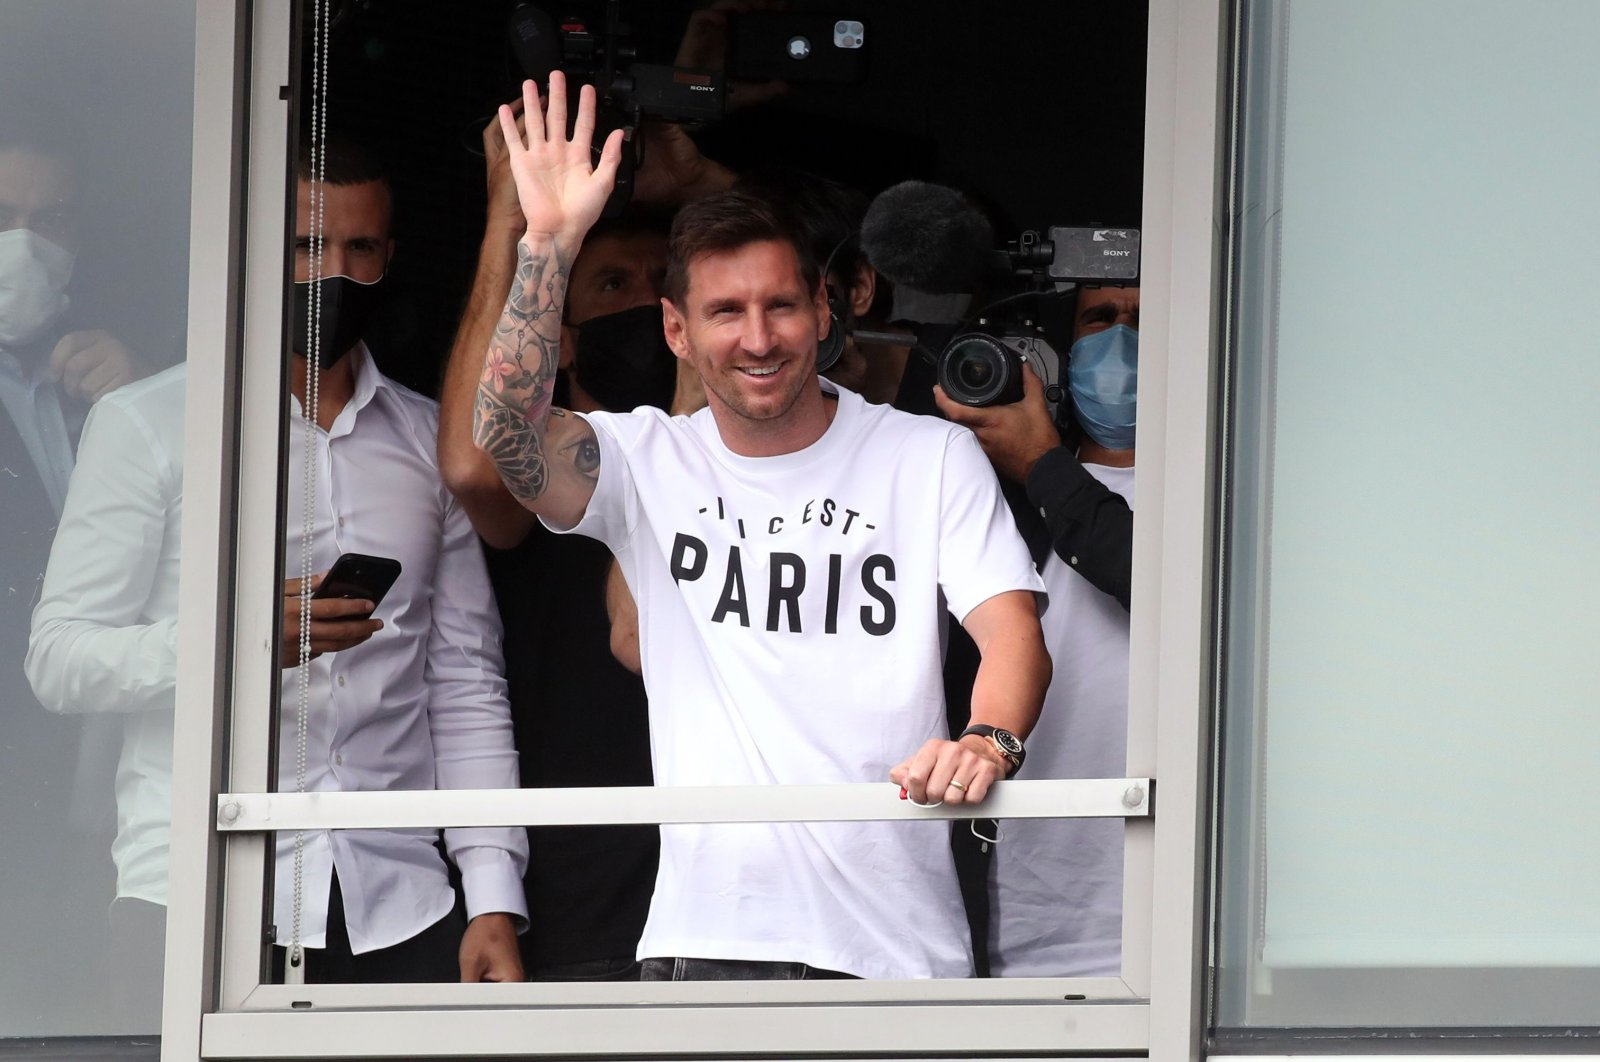 Lionel Messi waves at PSG fans after arriving at Paris-Le Bourget Airport, Paris, France, Aug. 10, 2021. (Reuters Photo)